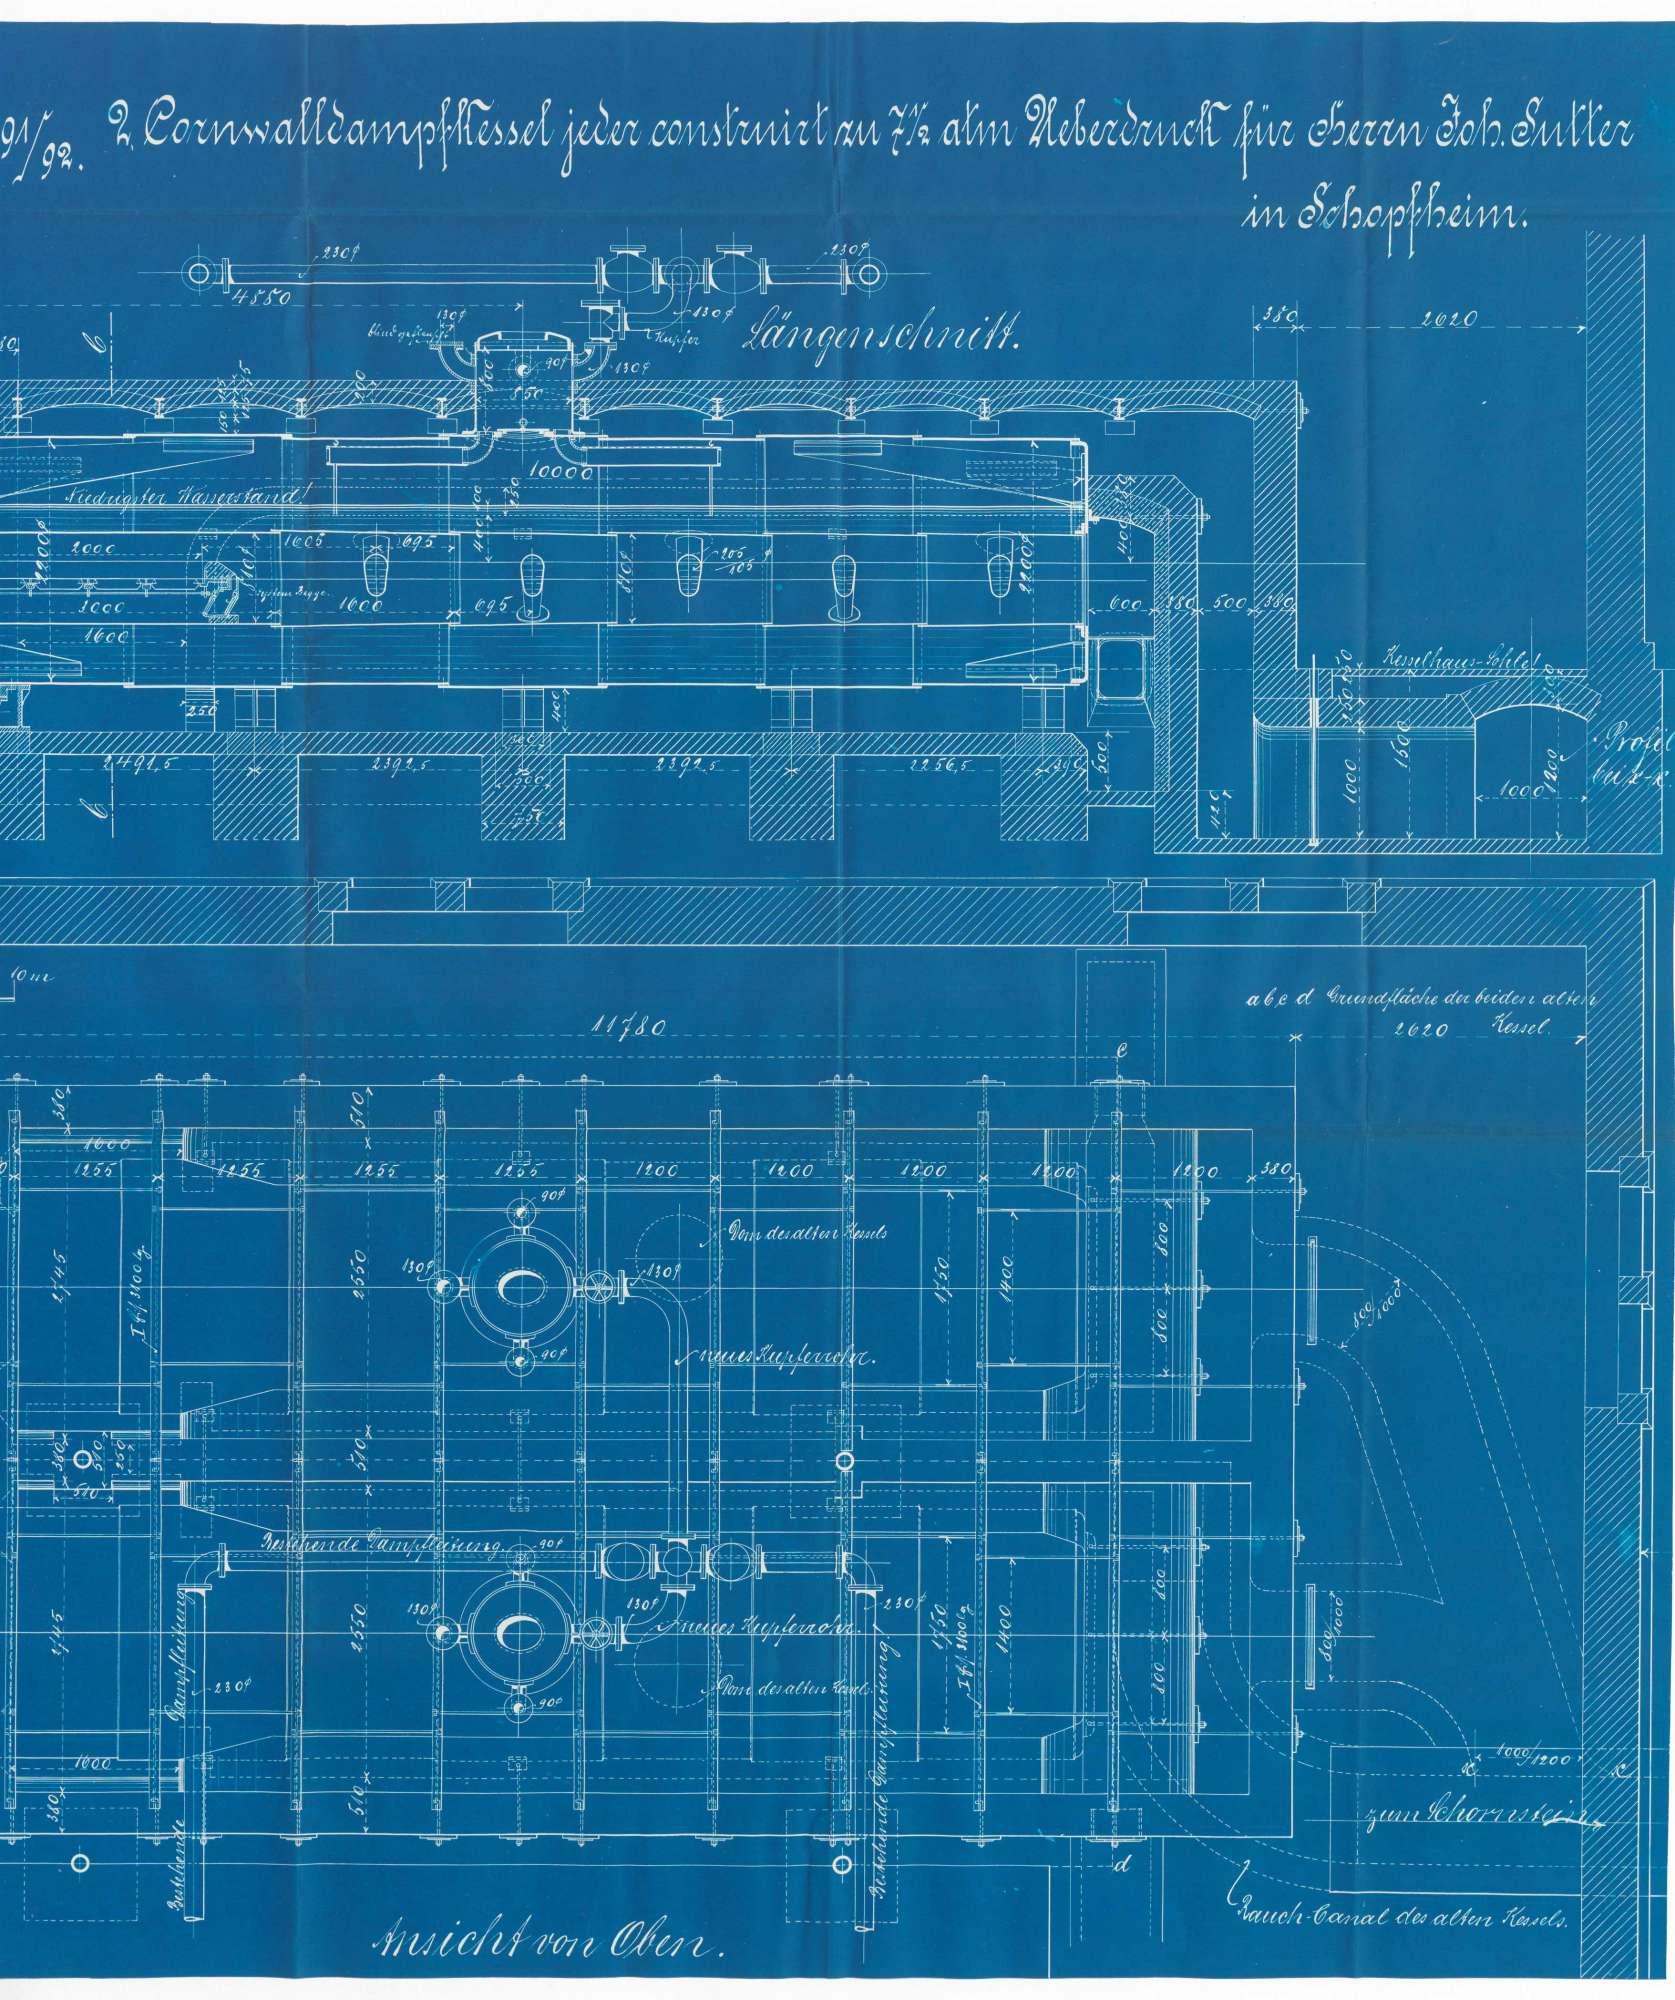 Gesuch der Papierfabrik Johann Sutter in Schopfheim um Erlaubnis zur Anlegung bzw. Veränderung zweier Dampfkessel, Bild 2